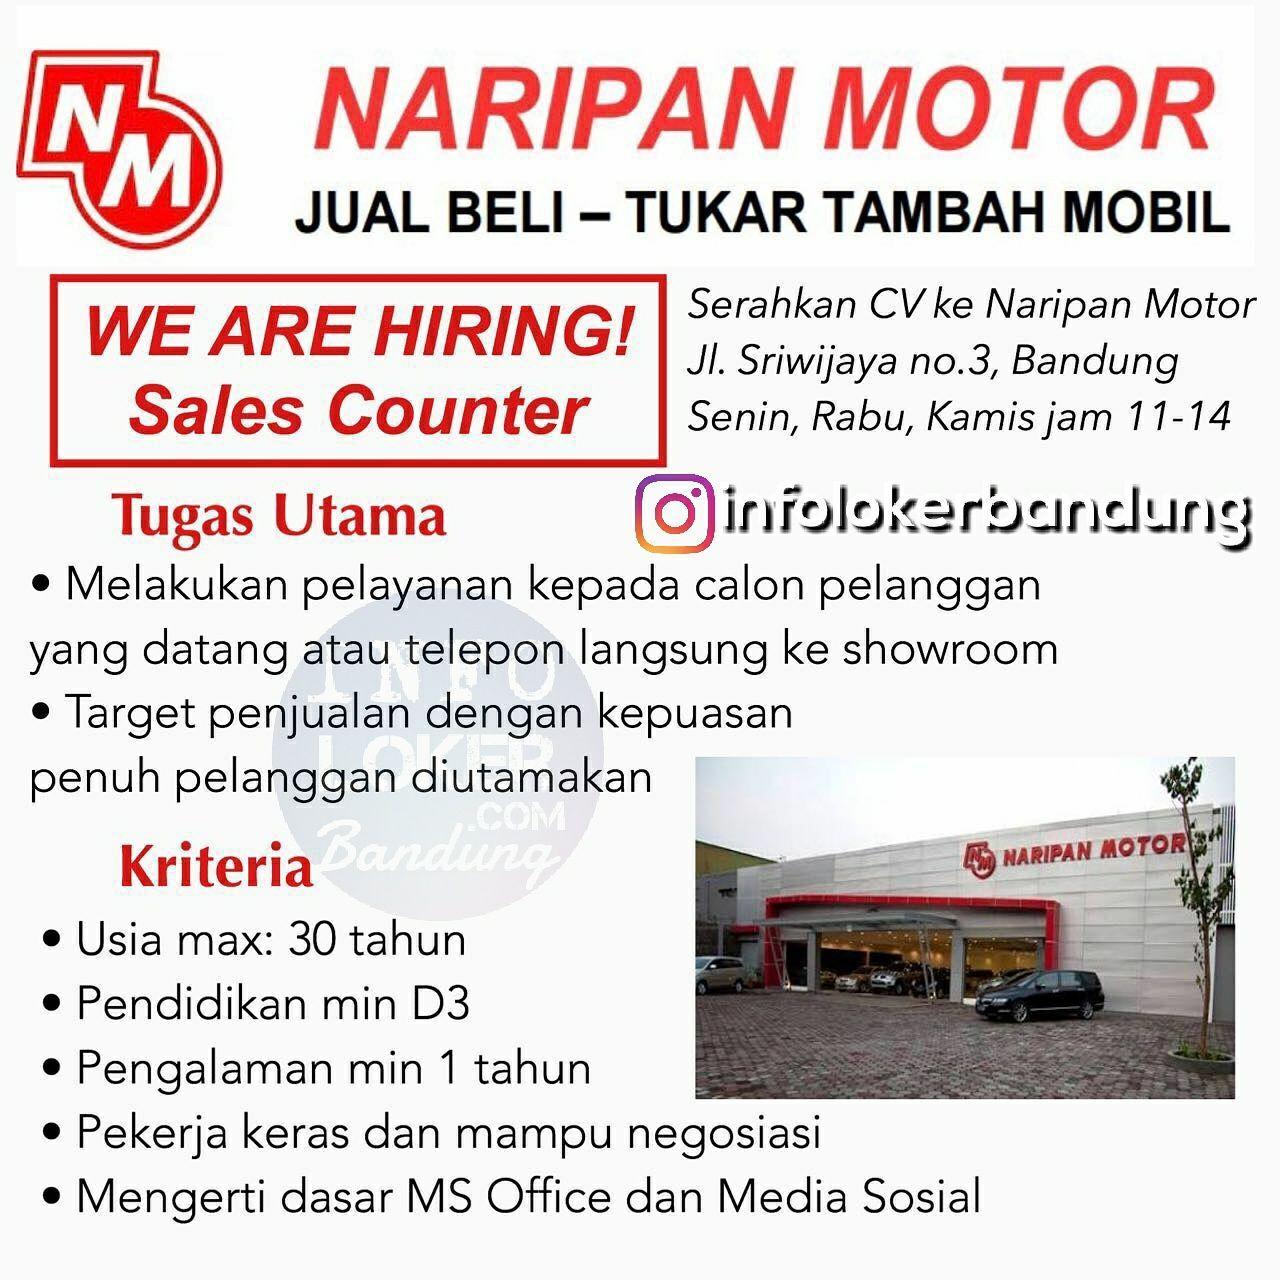 Lowongan Kerja Naripan Motor Bandung Januari 2018